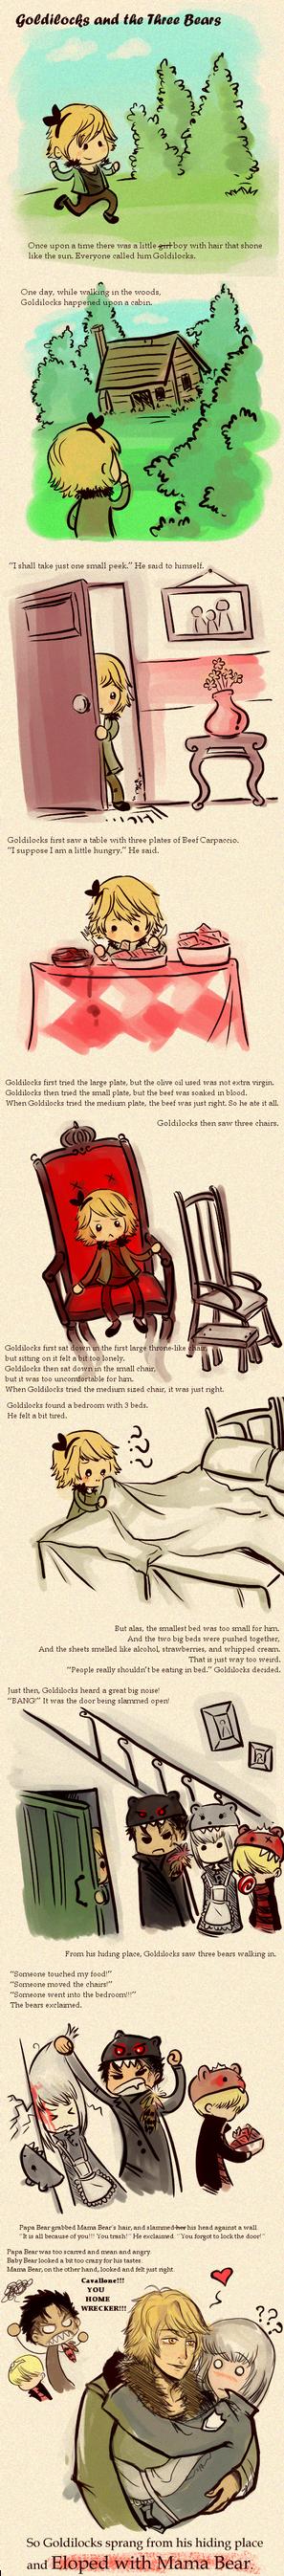 KHR_Goldielocks by Hehe-m